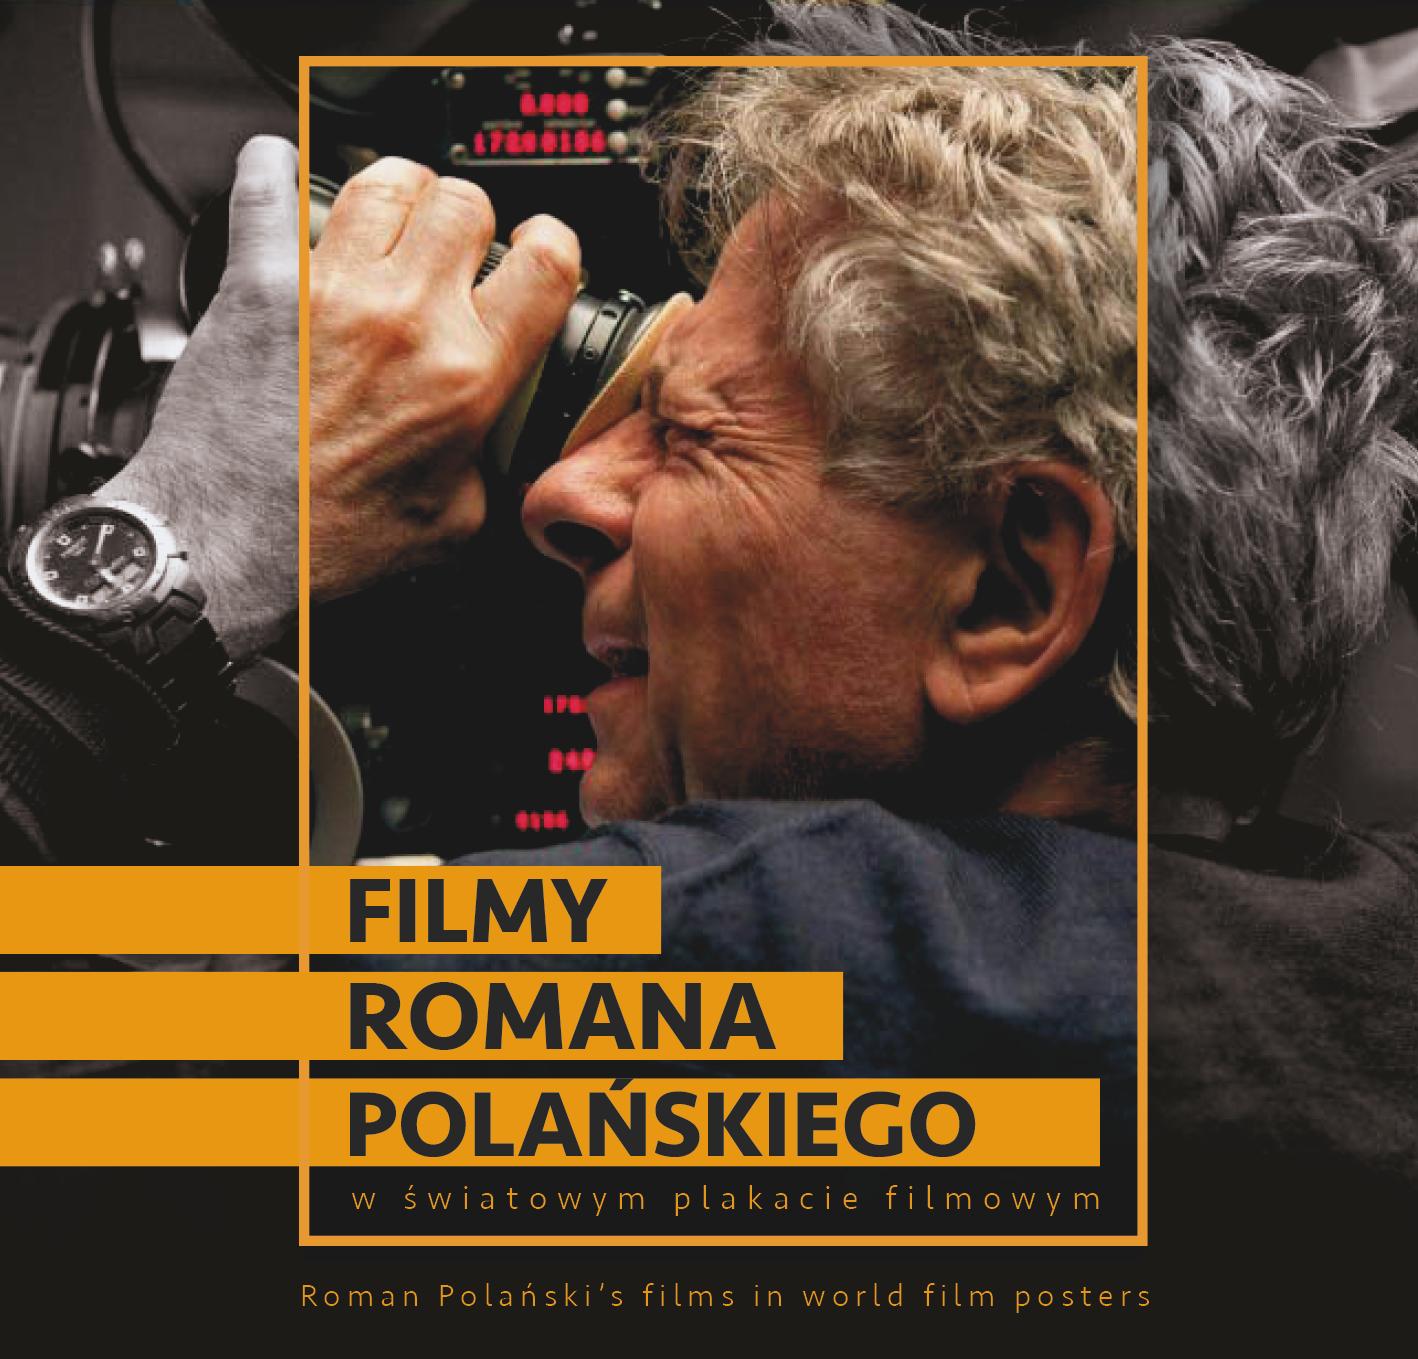 Filmy Romana Polańskiego w światowym plakacie filmowym (źródło: materiały prasowe organizatora)